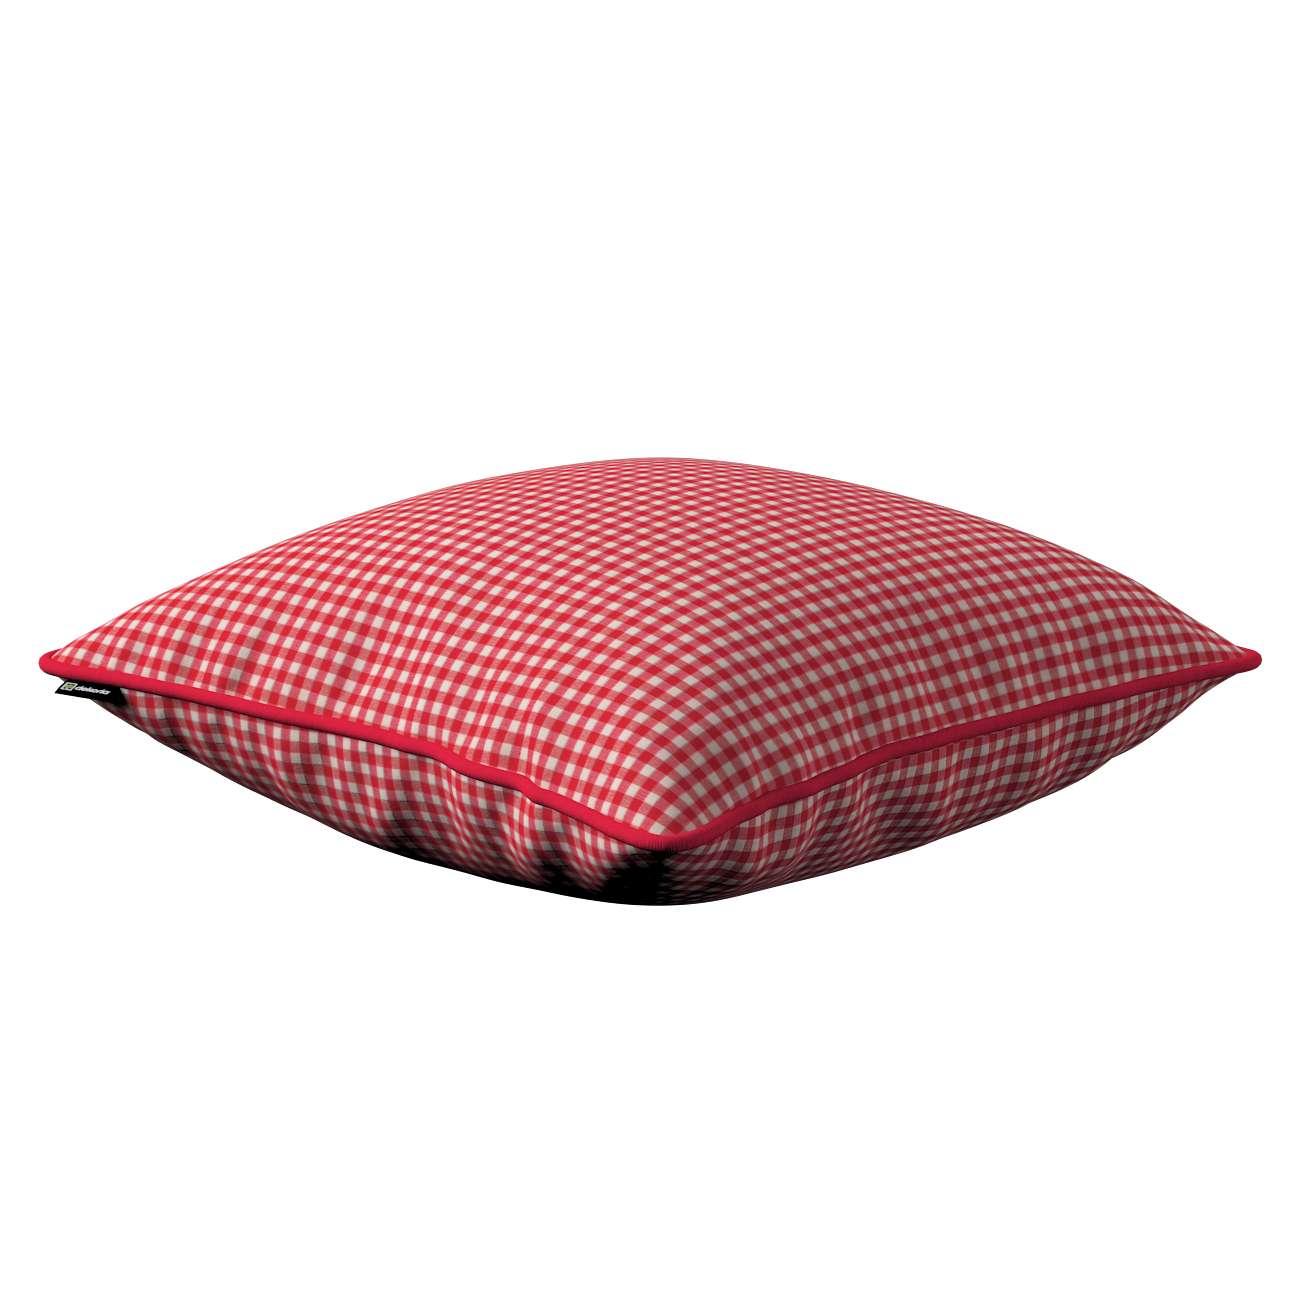 Poszewka Gabi na poduszkę 45 x 45 cm w kolekcji Quadro, tkanina: 136-15